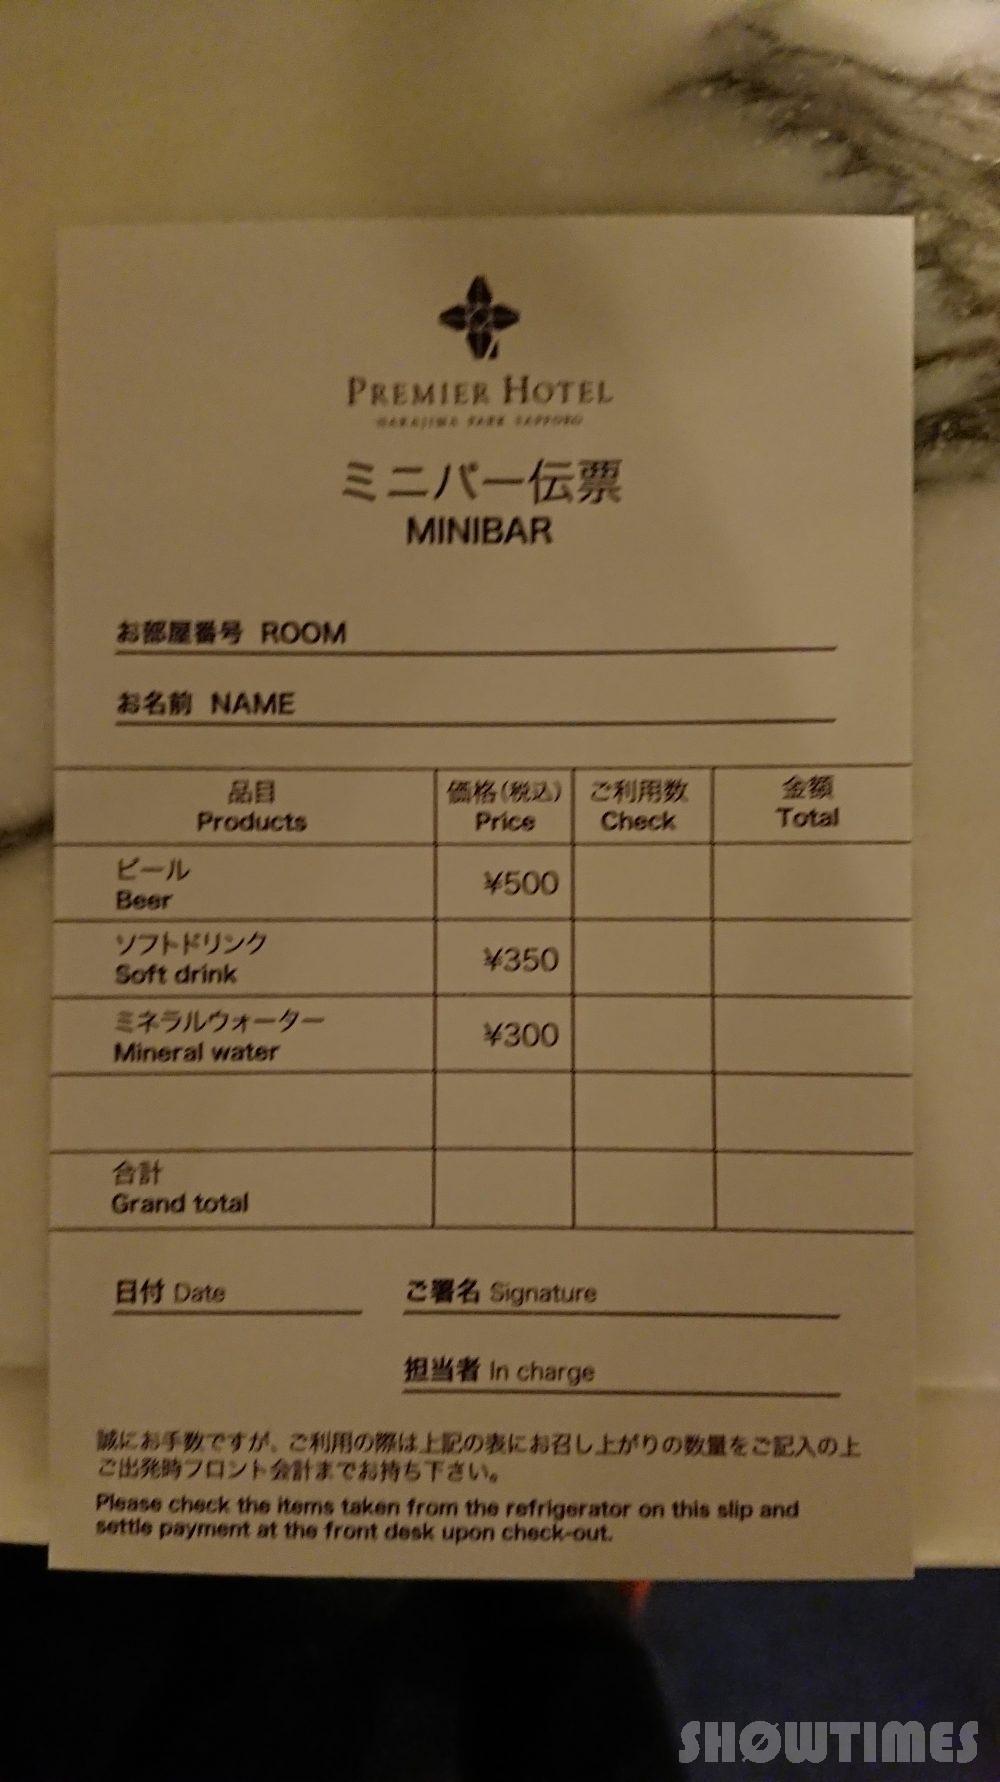 プレミアホテル中島公園デラックスラージダブルのミニバー伝票